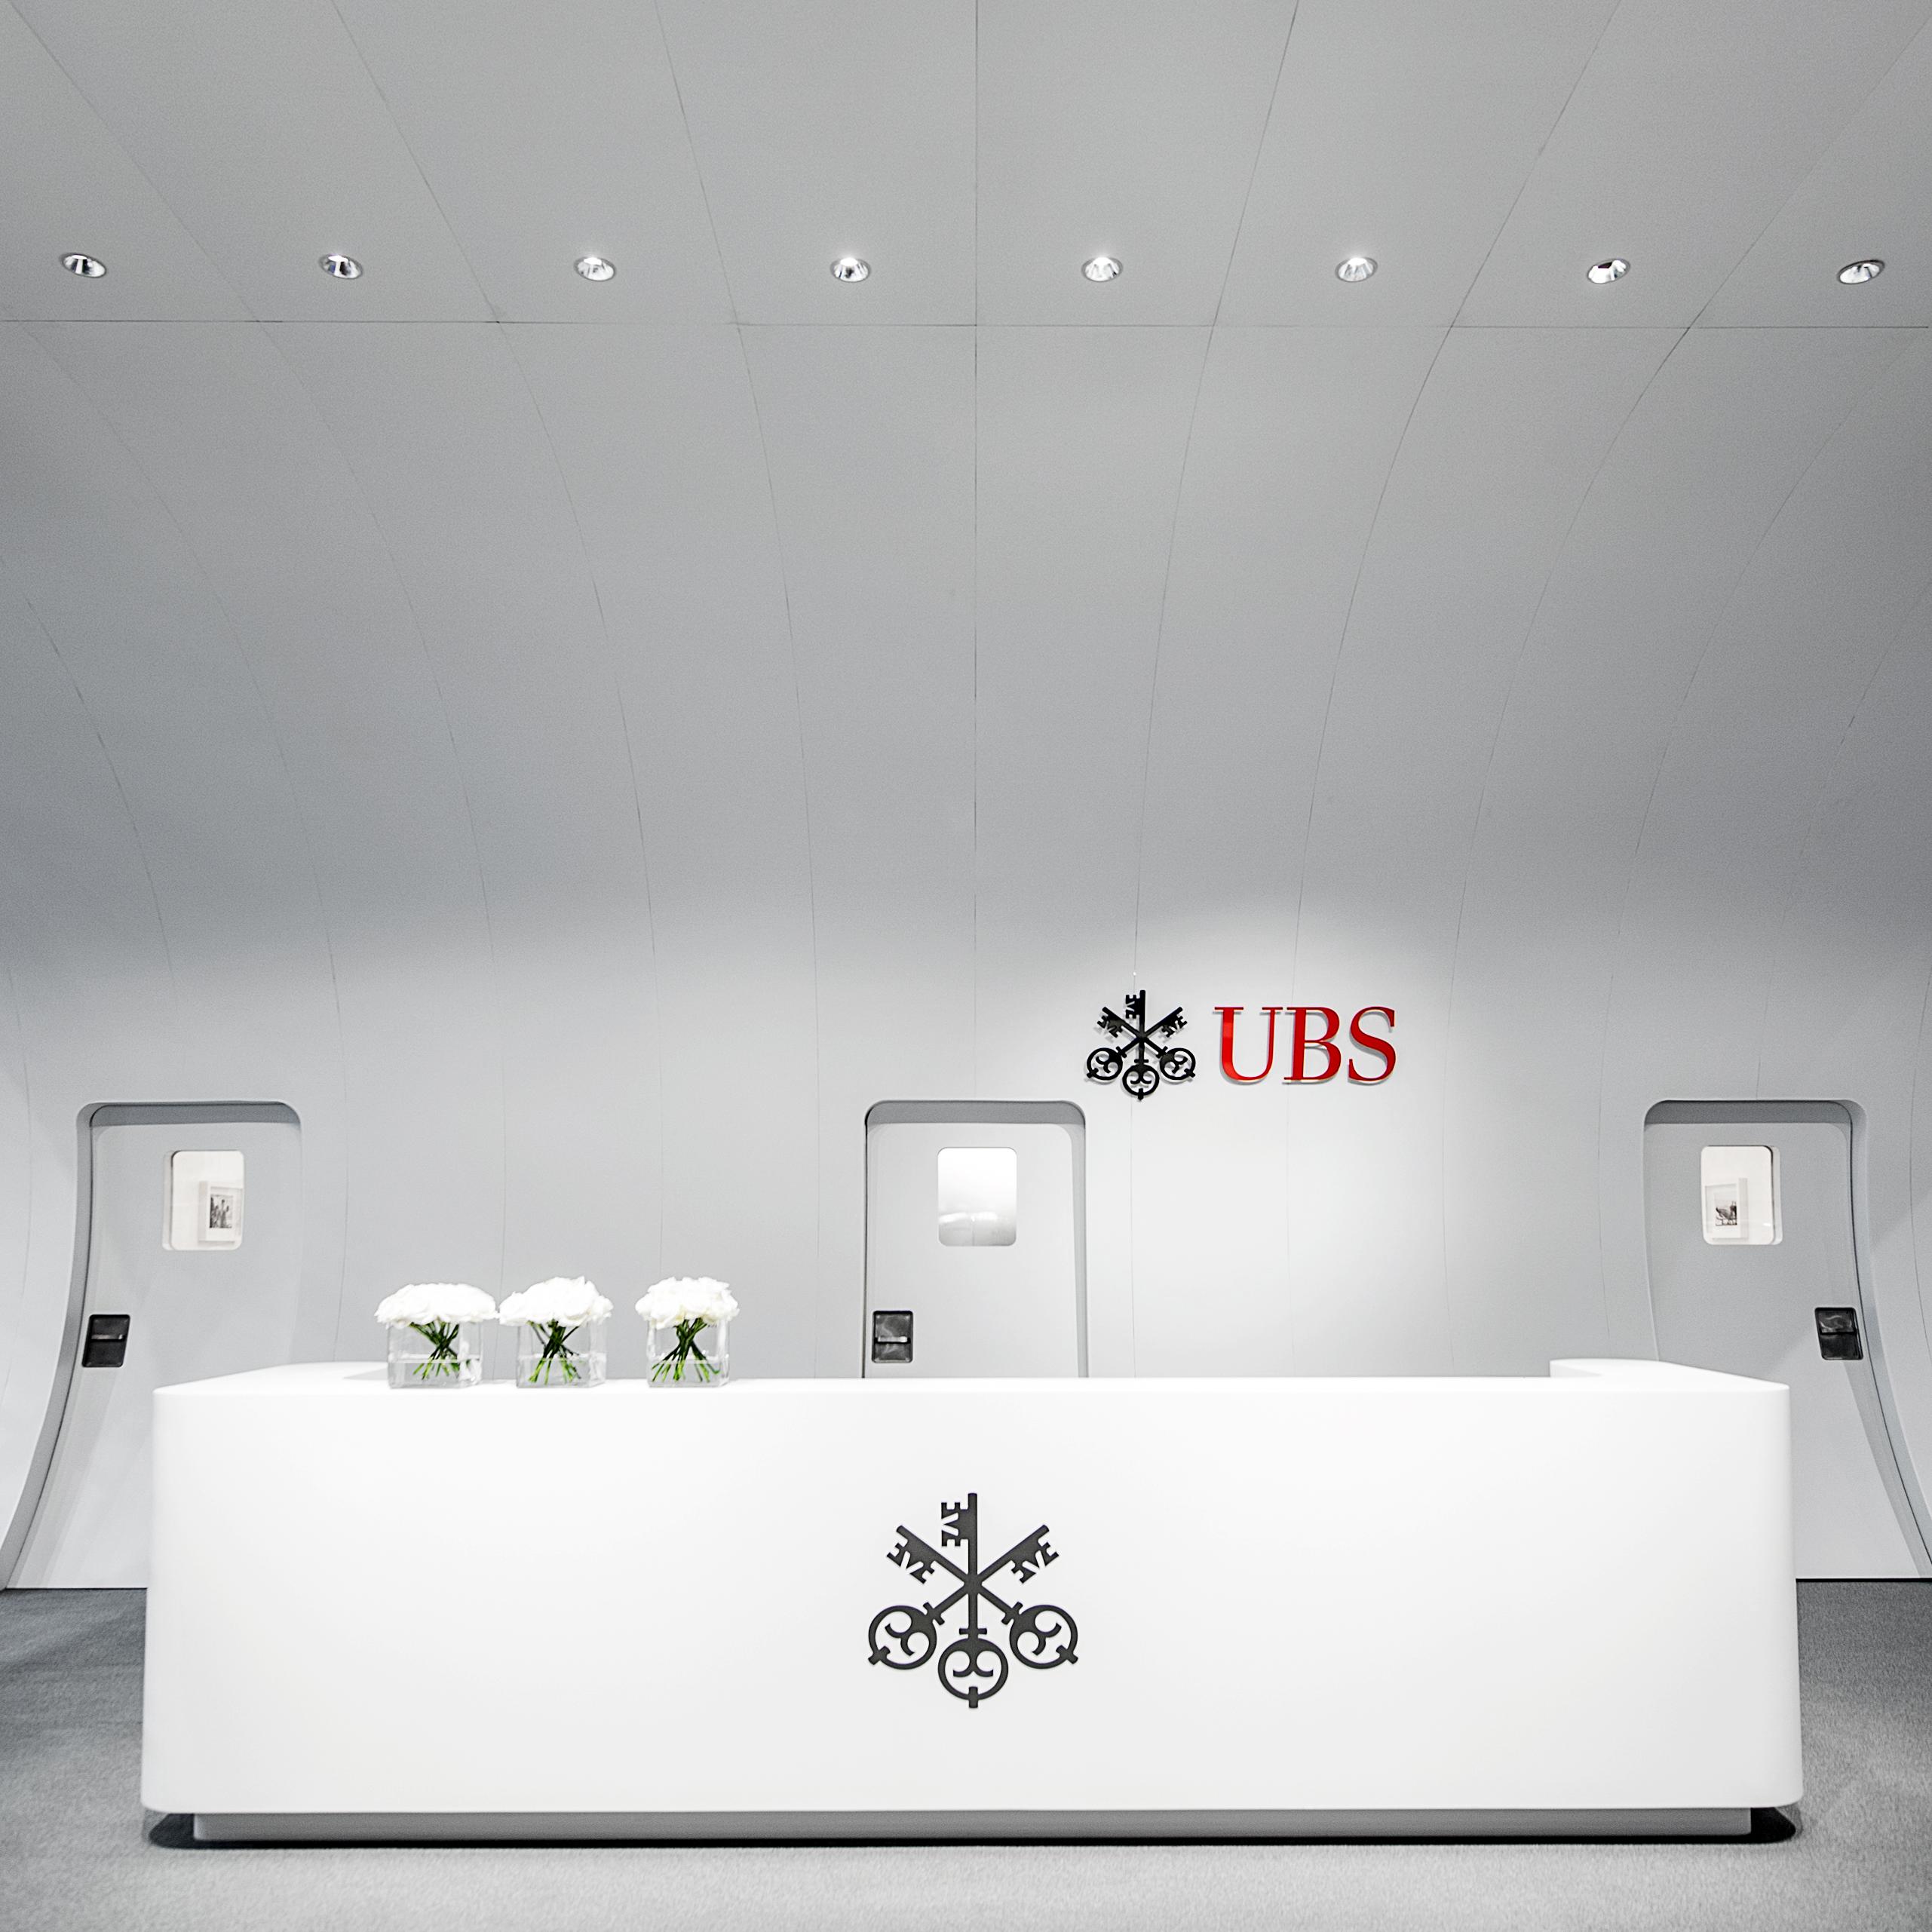 UBS Ebace Messekonzept Vorderansicht